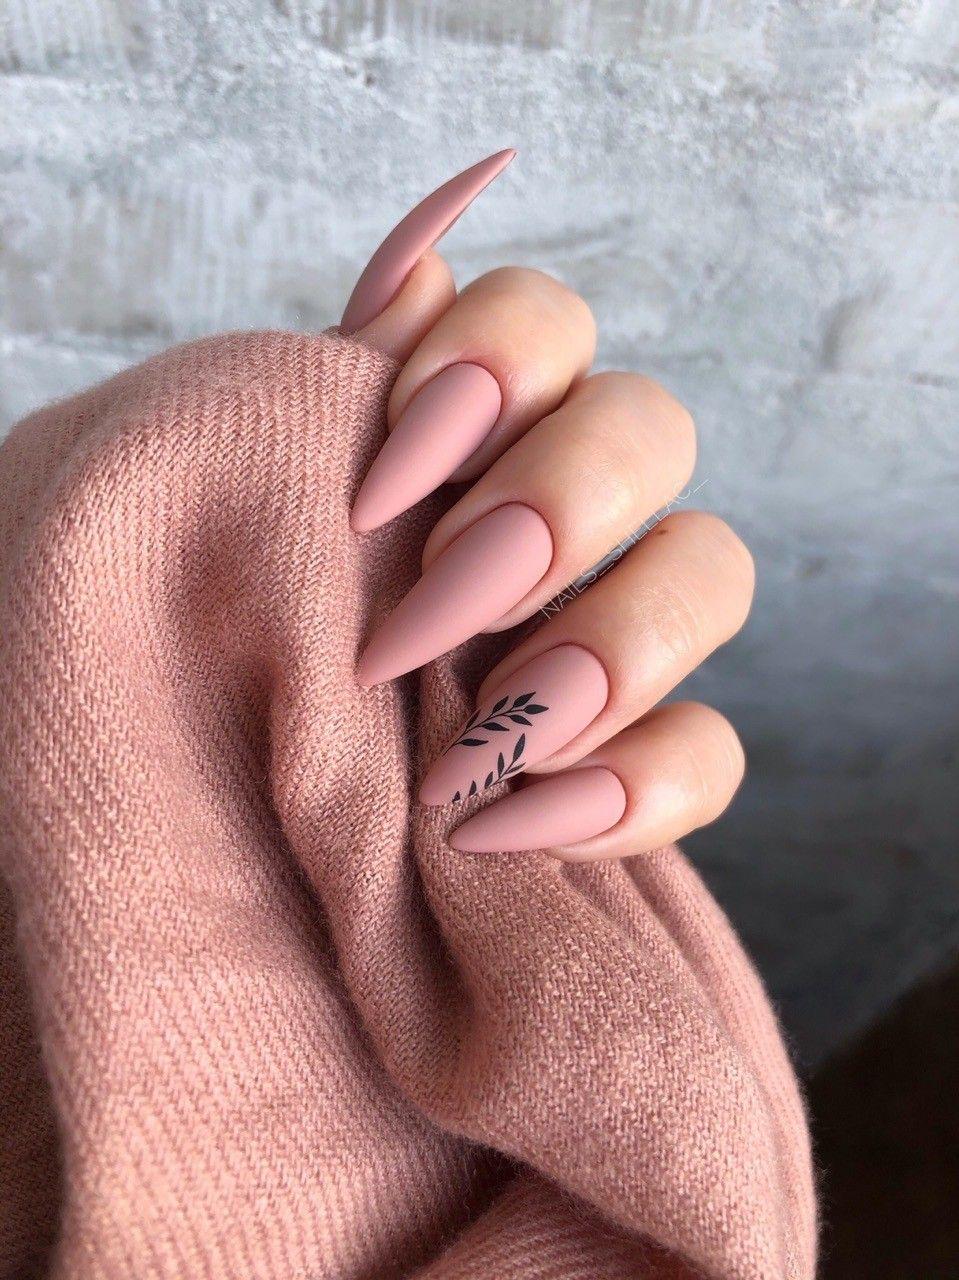 Pin De Simona Andoniadisova En Nails Unas De Gel Bonitas Unas Acrilicas Almendradas Unas Tendencia